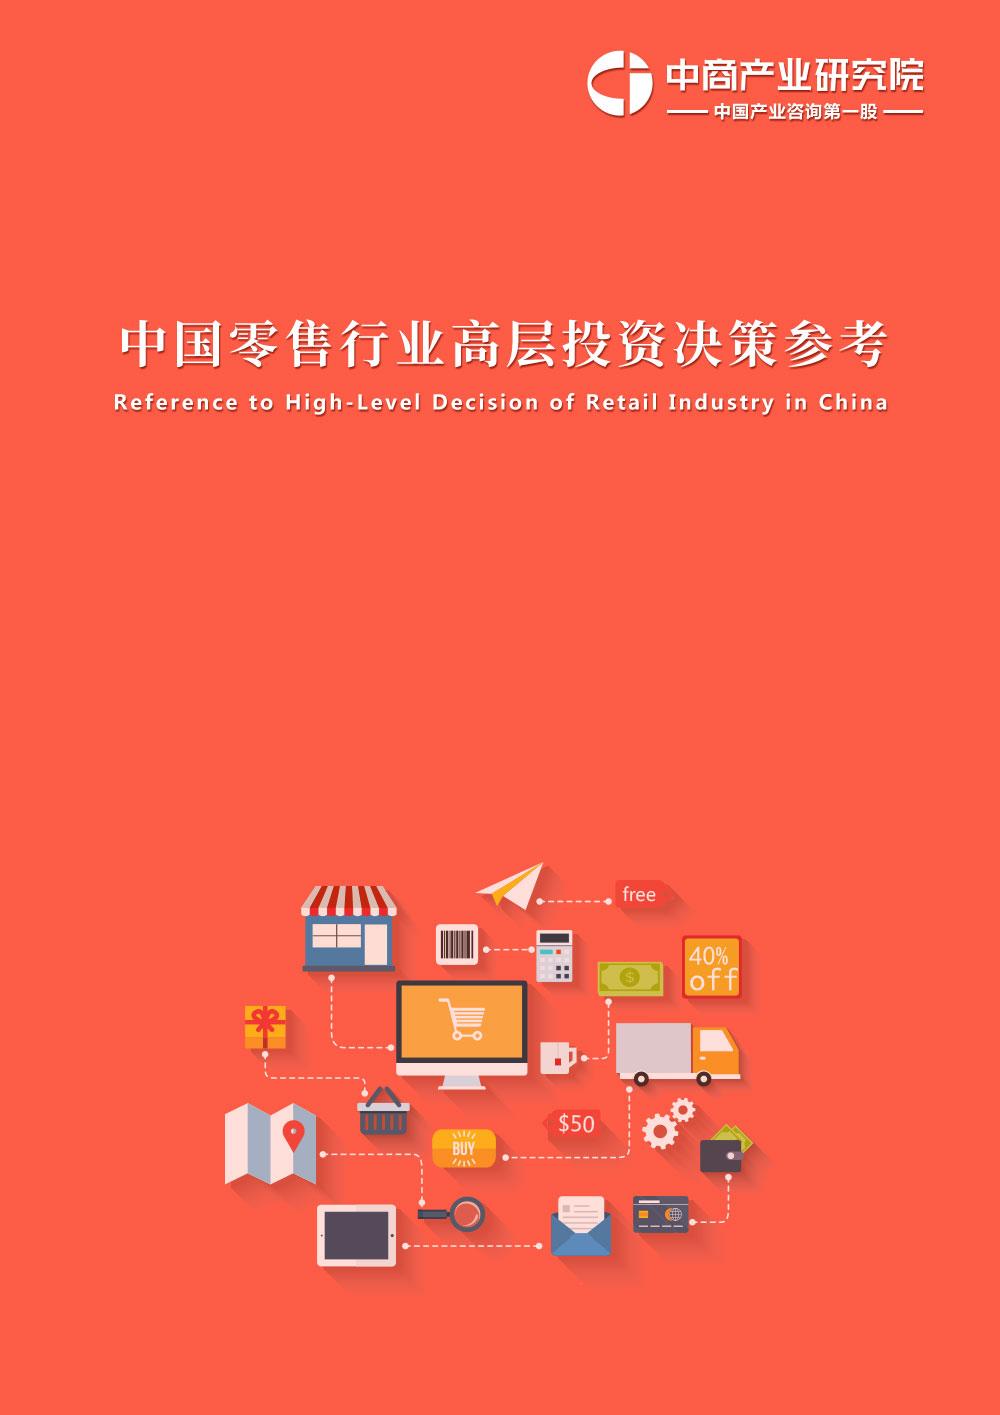 中国零售消费行业投资决策参考(2020年10月)